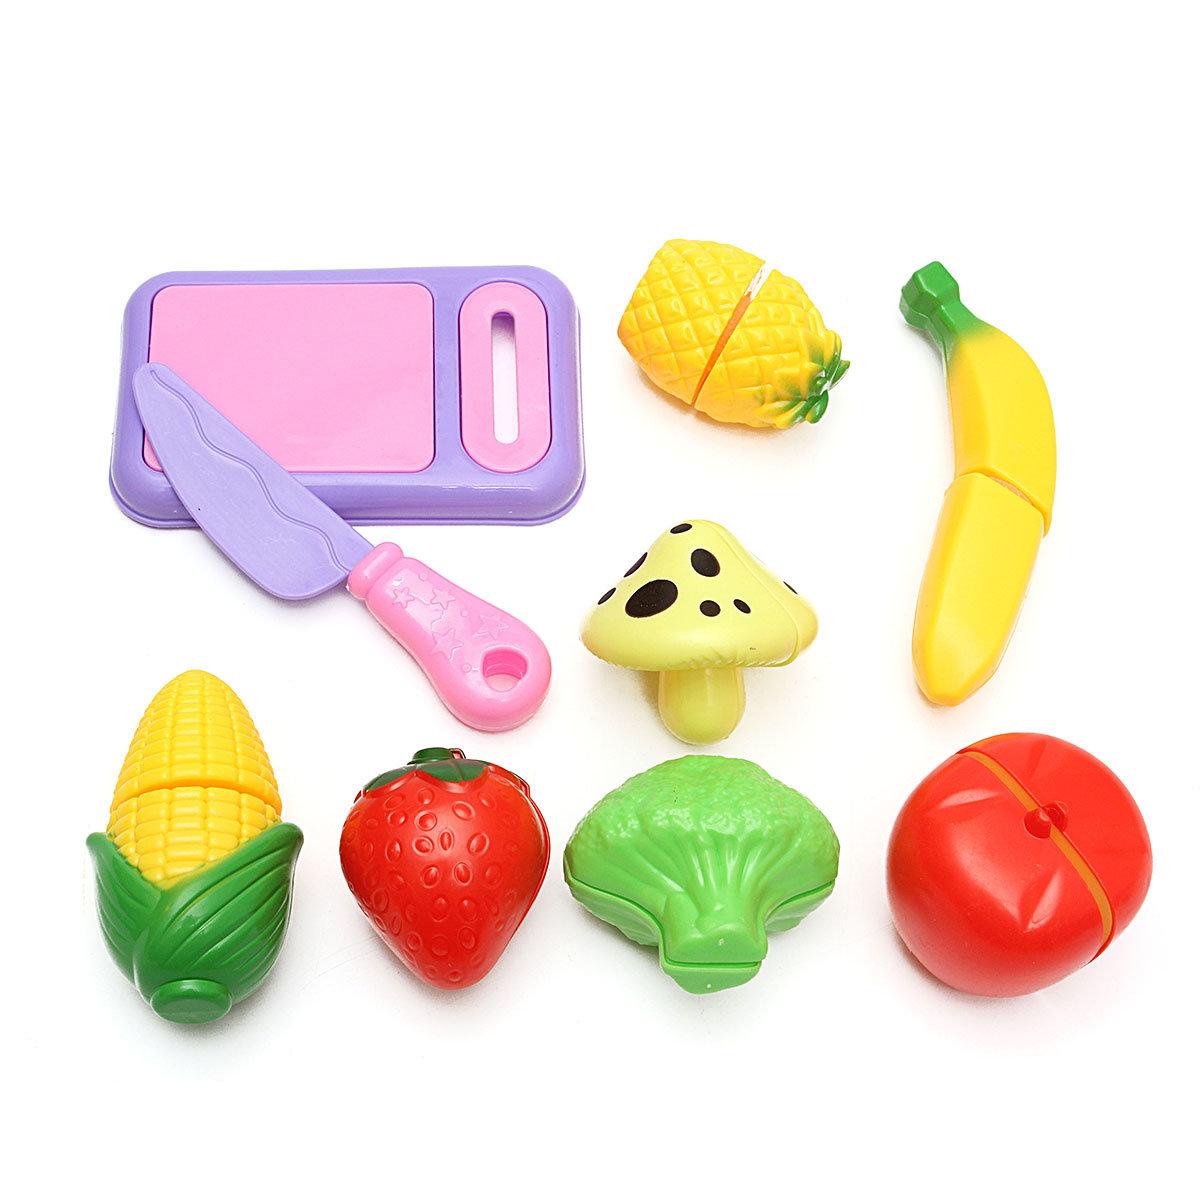 9PCS ตัดพลาสติกผลไม้ผักอาหารห้องครัวแกล้งทำเป็นเล่นของเล่นชุดของขวัญเด็ก